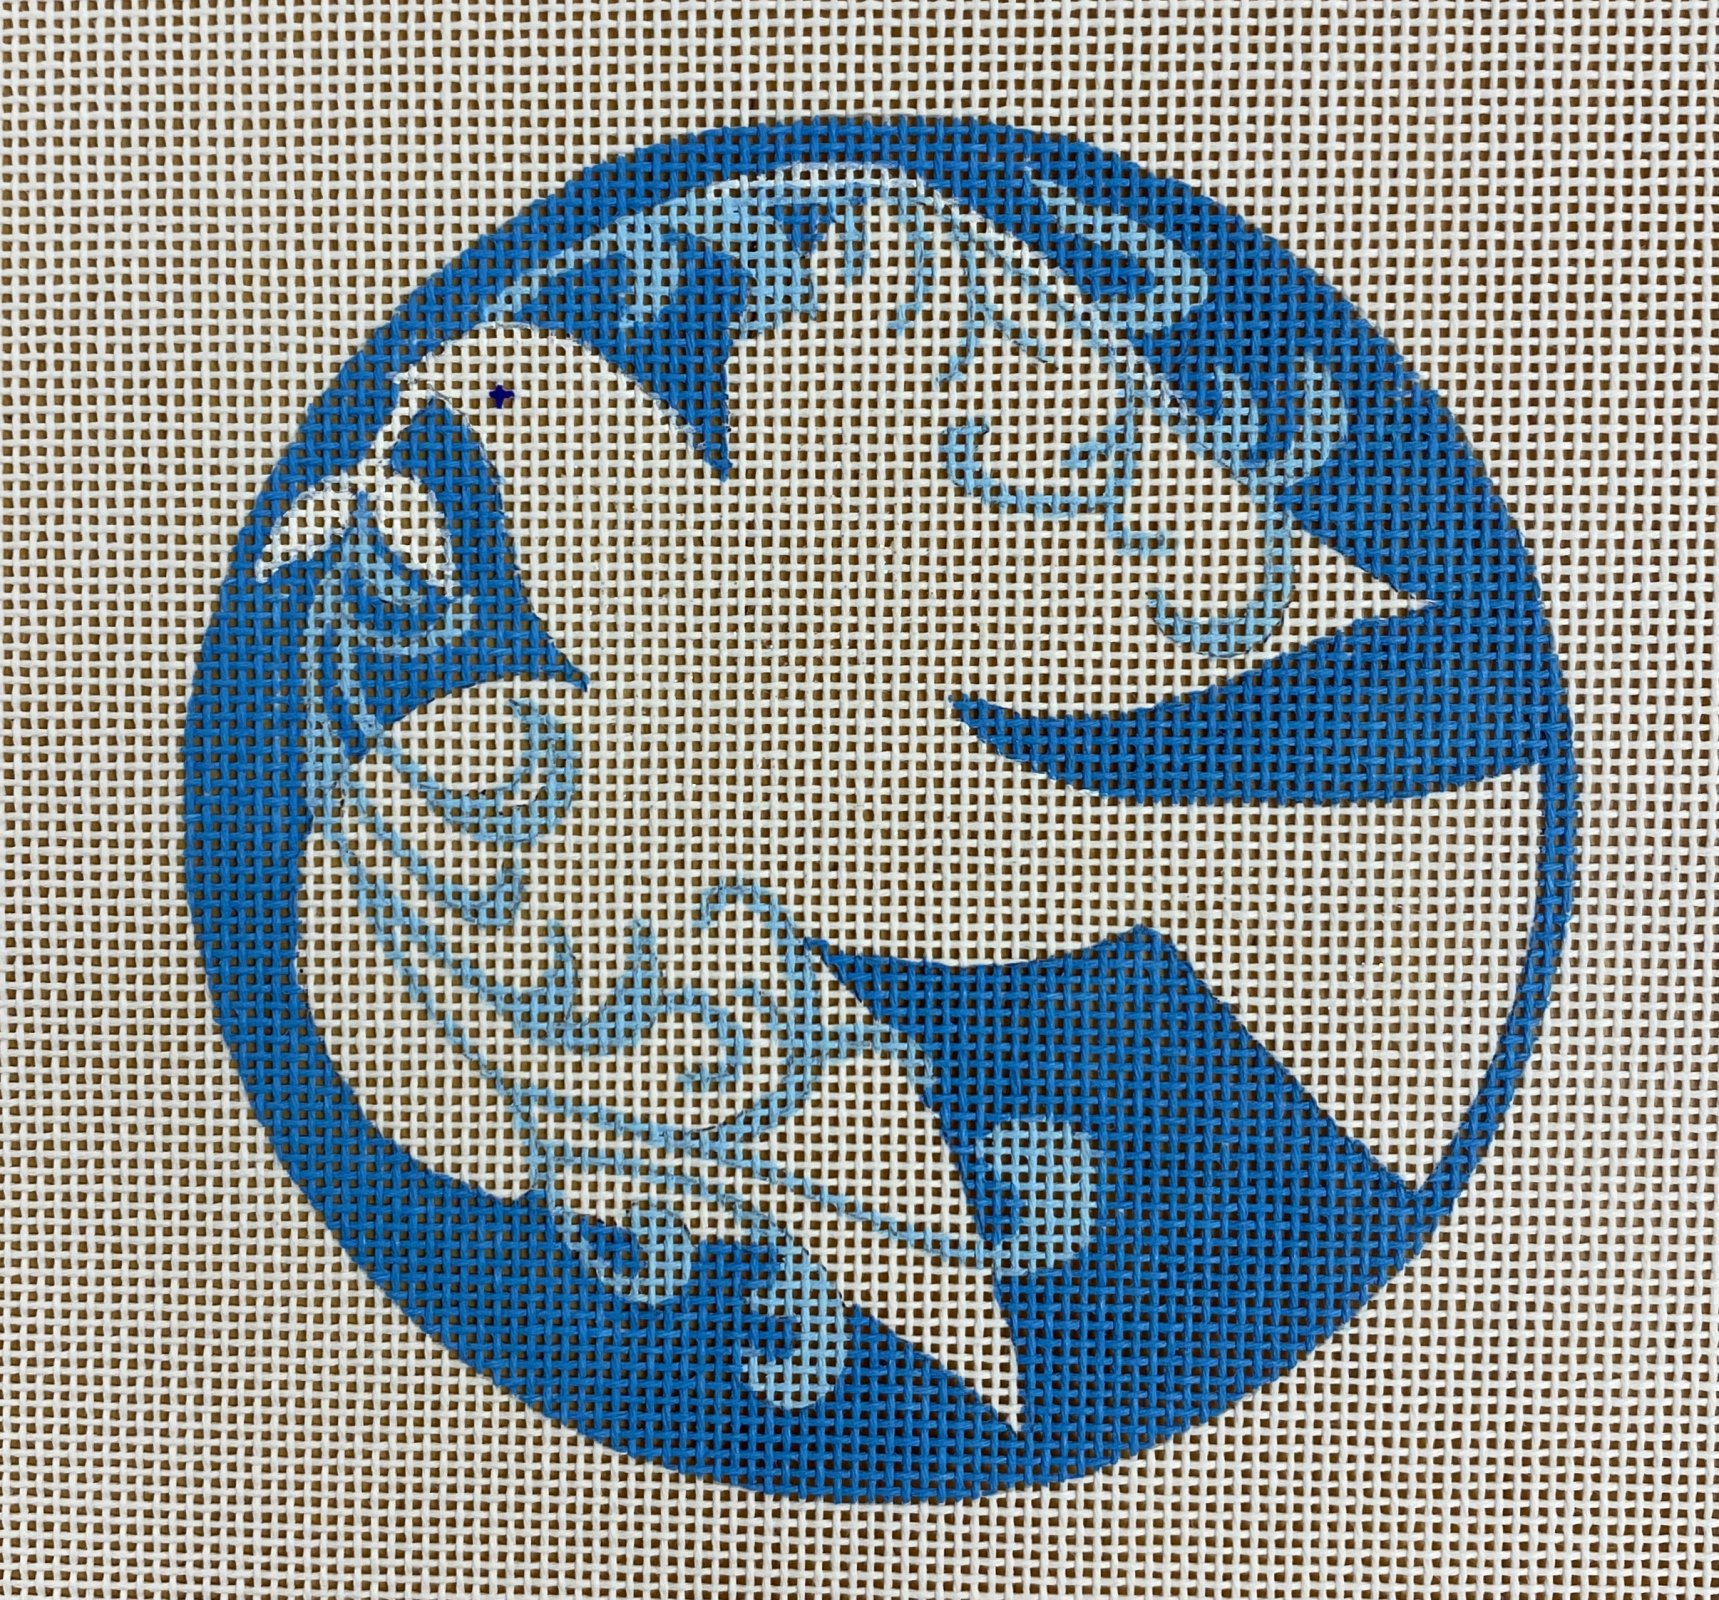 dove w olive branch